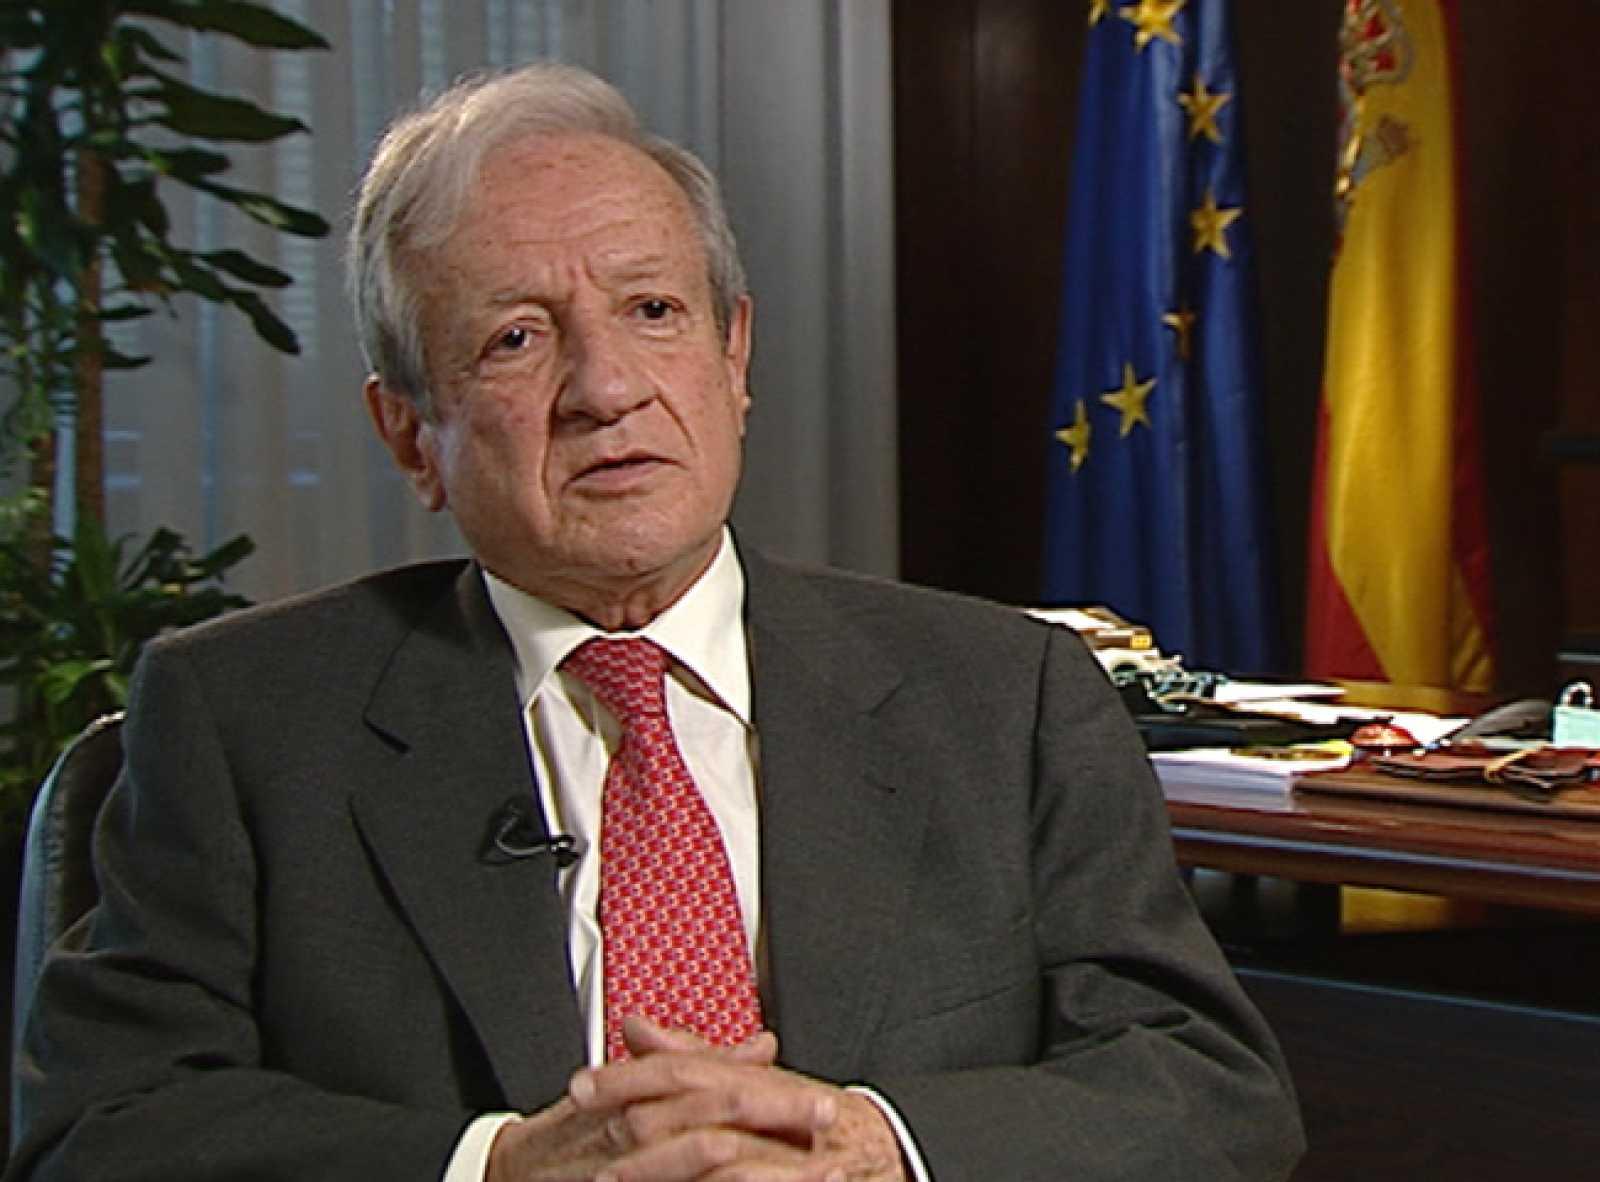 Primera entrevista que concede a una televisión el presidente del Tribunal Constitucional